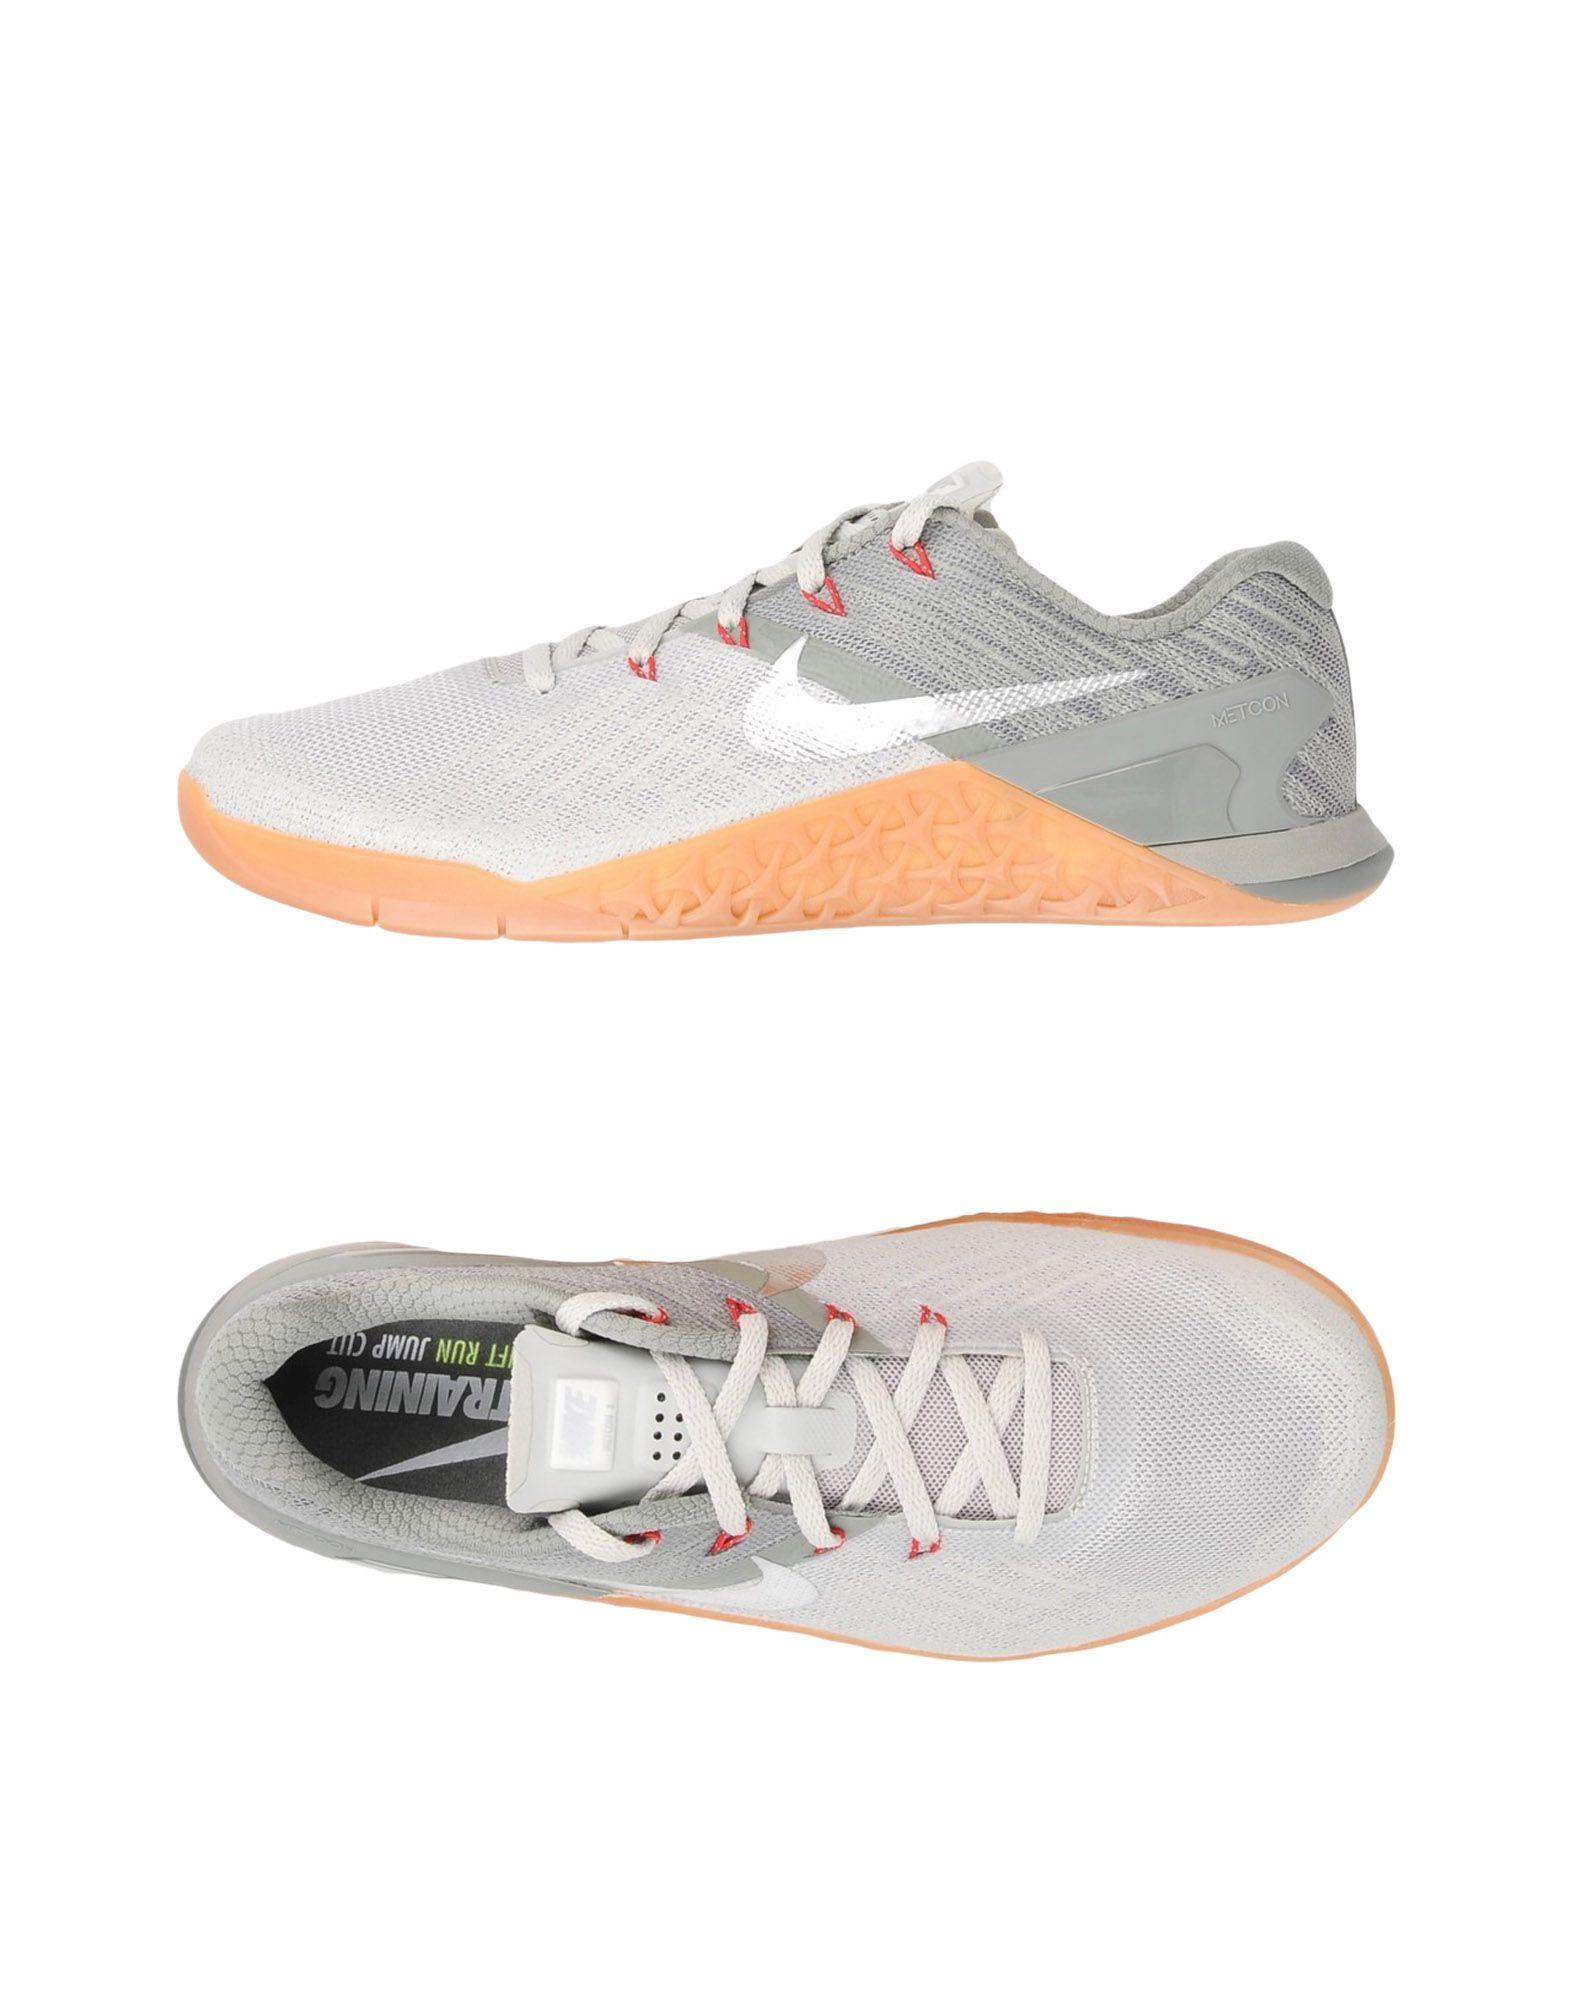 Scarpe da - Ginnastica Nike Metcon 3 - da Uomo - 11325569GH 82f9a6